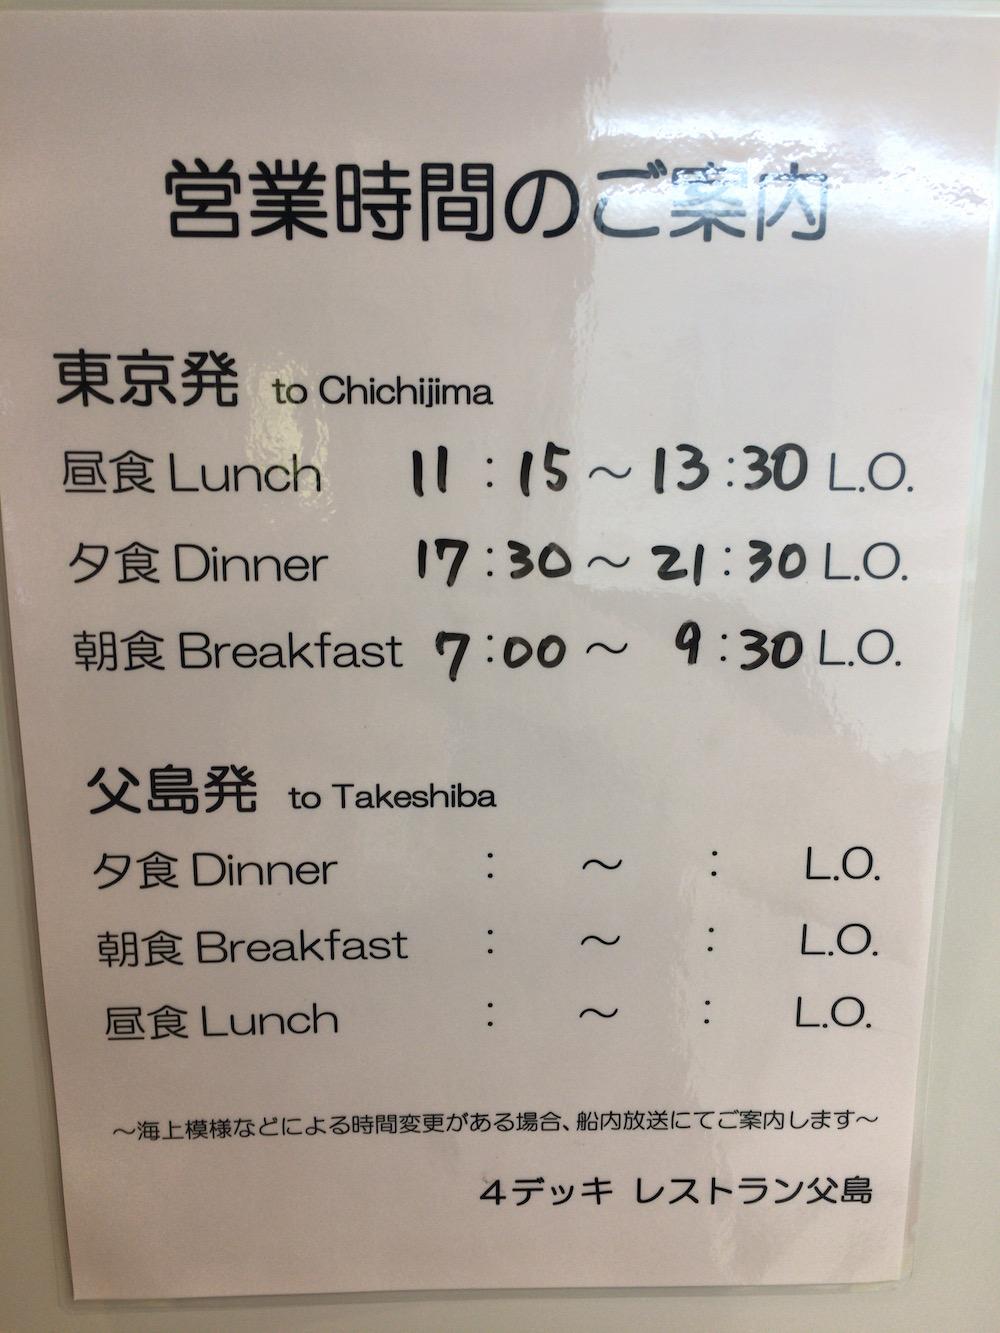 おがさわら丸のレストランの営業時間